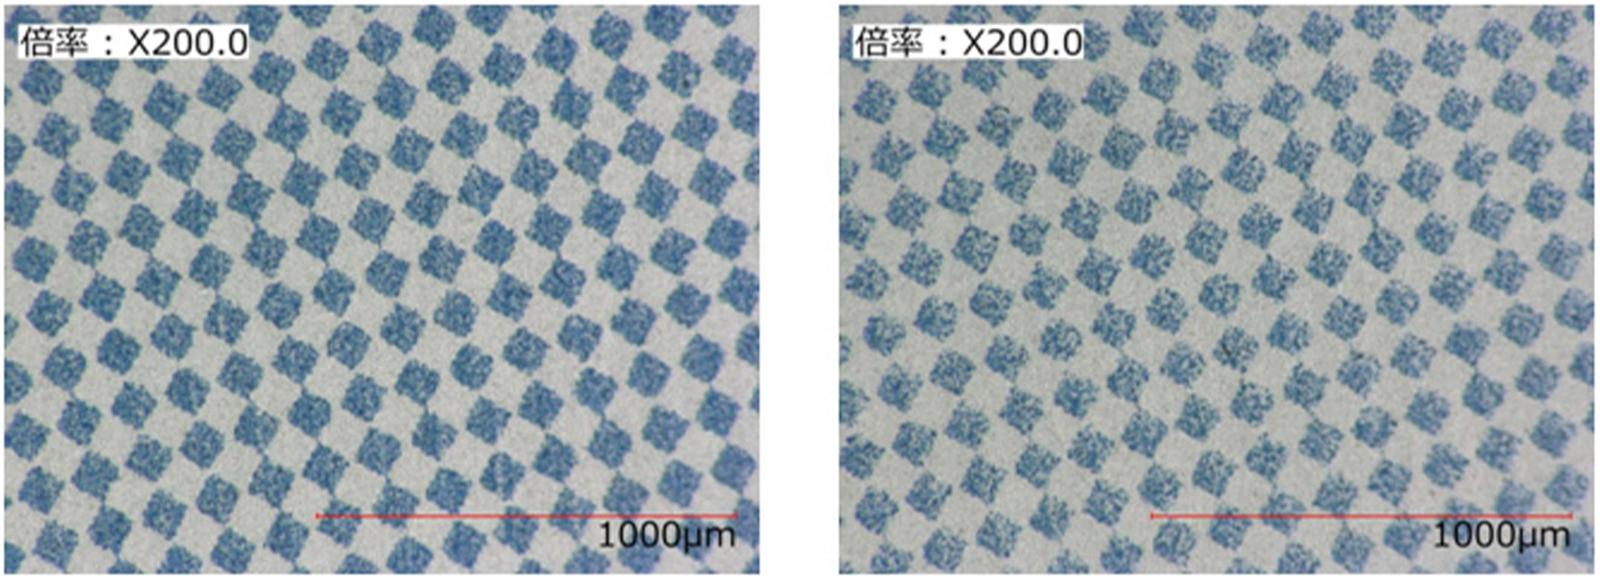 刷版の左側と右側で、同じ画像の網点に摩耗の差がある画像